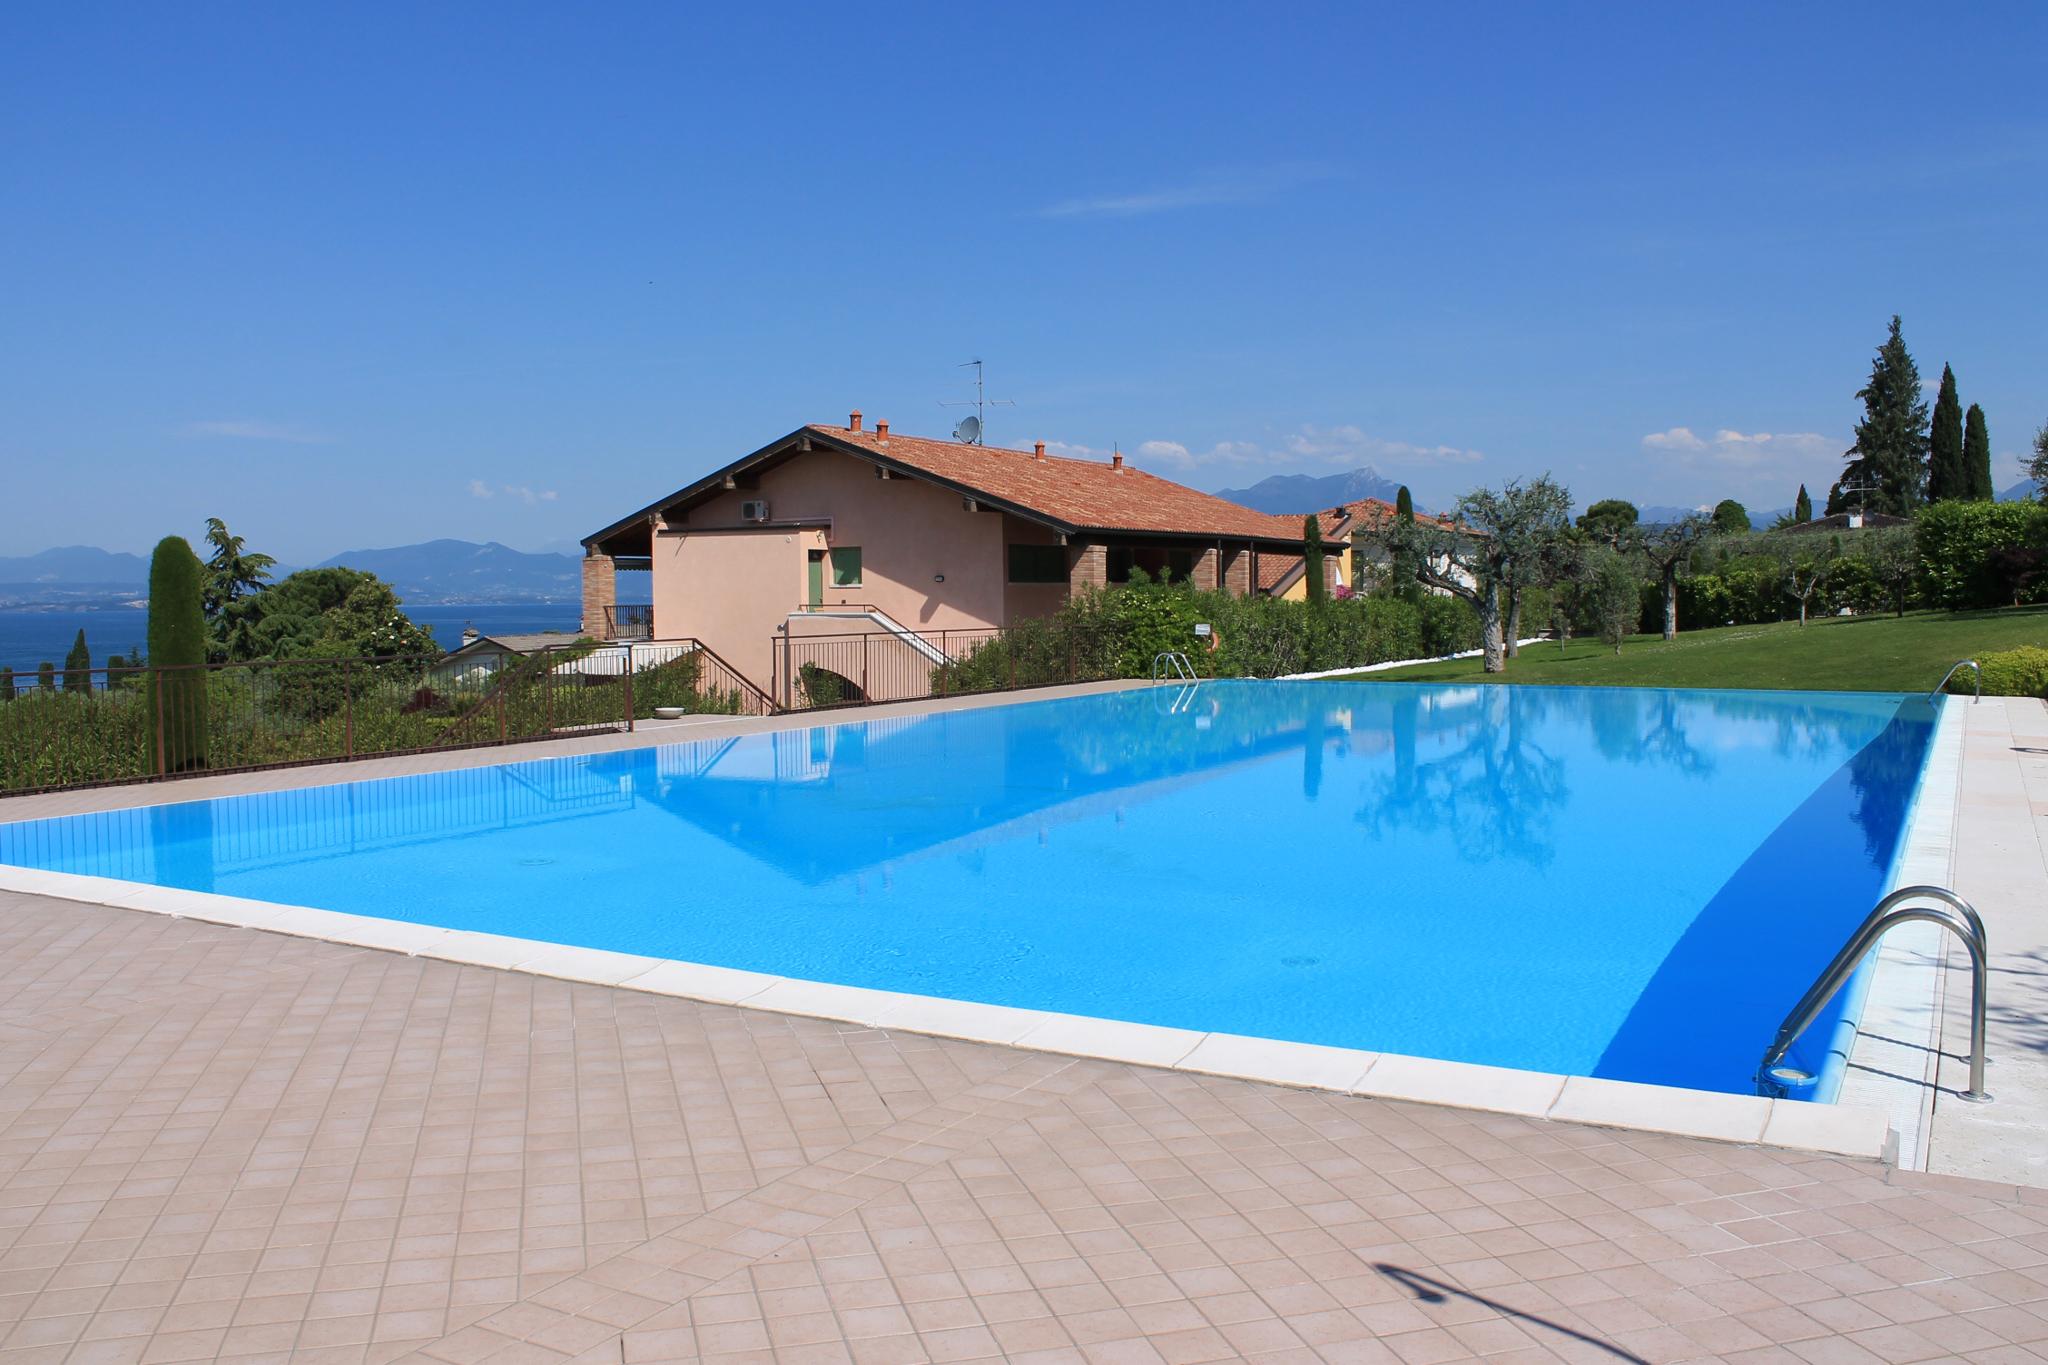 Ferienwohnung con terrazza (488452), Lazise, Gardasee, Venetien, Italien, Bild 10